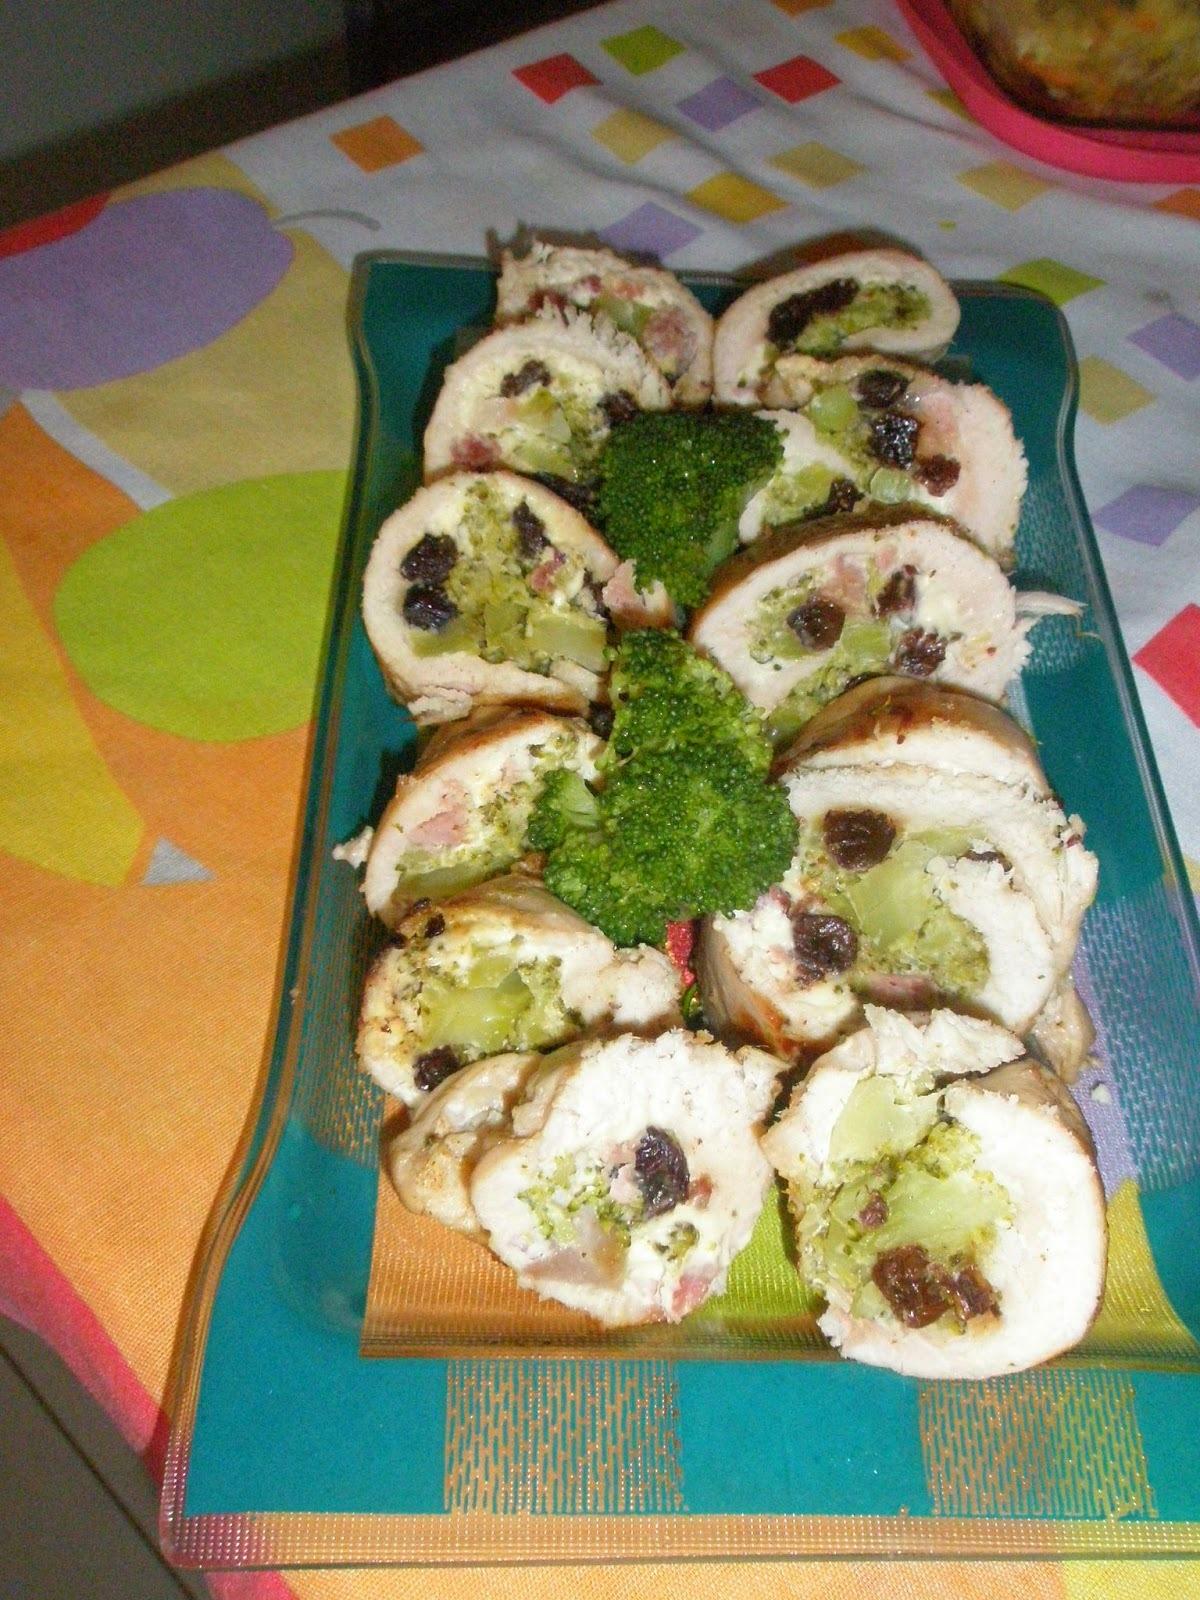 Filé de frango recheado com brócolis,bacon e cream cheese.